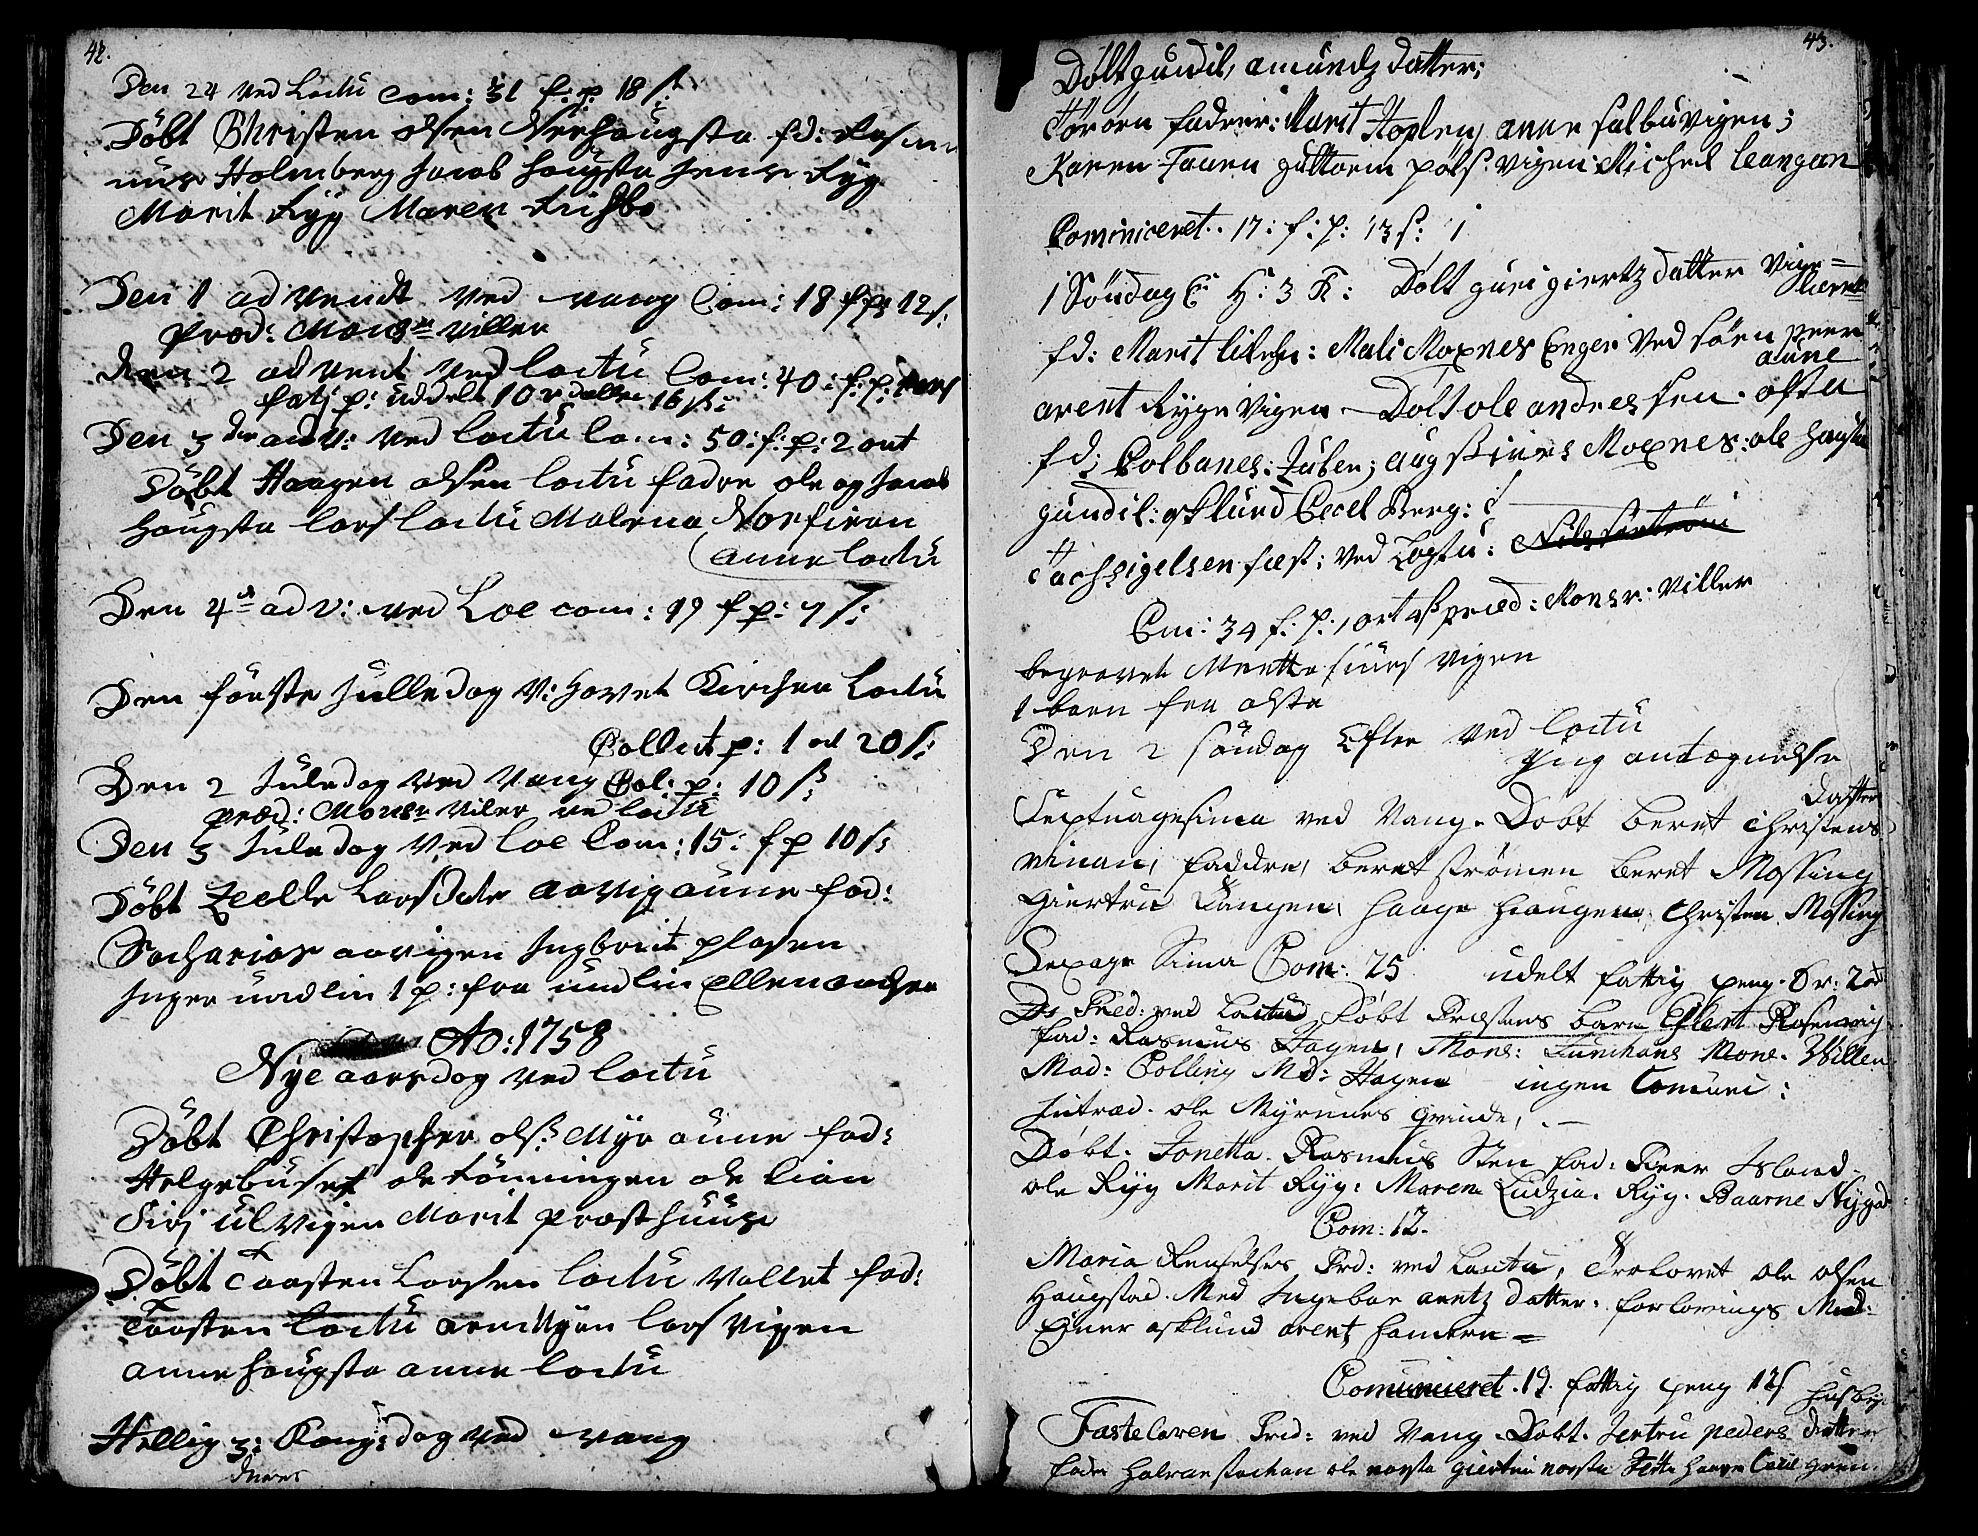 SAT, Ministerialprotokoller, klokkerbøker og fødselsregistre - Nord-Trøndelag, 713/L0109: Ministerialbok nr. 713A01, 1750-1778, s. 42-43